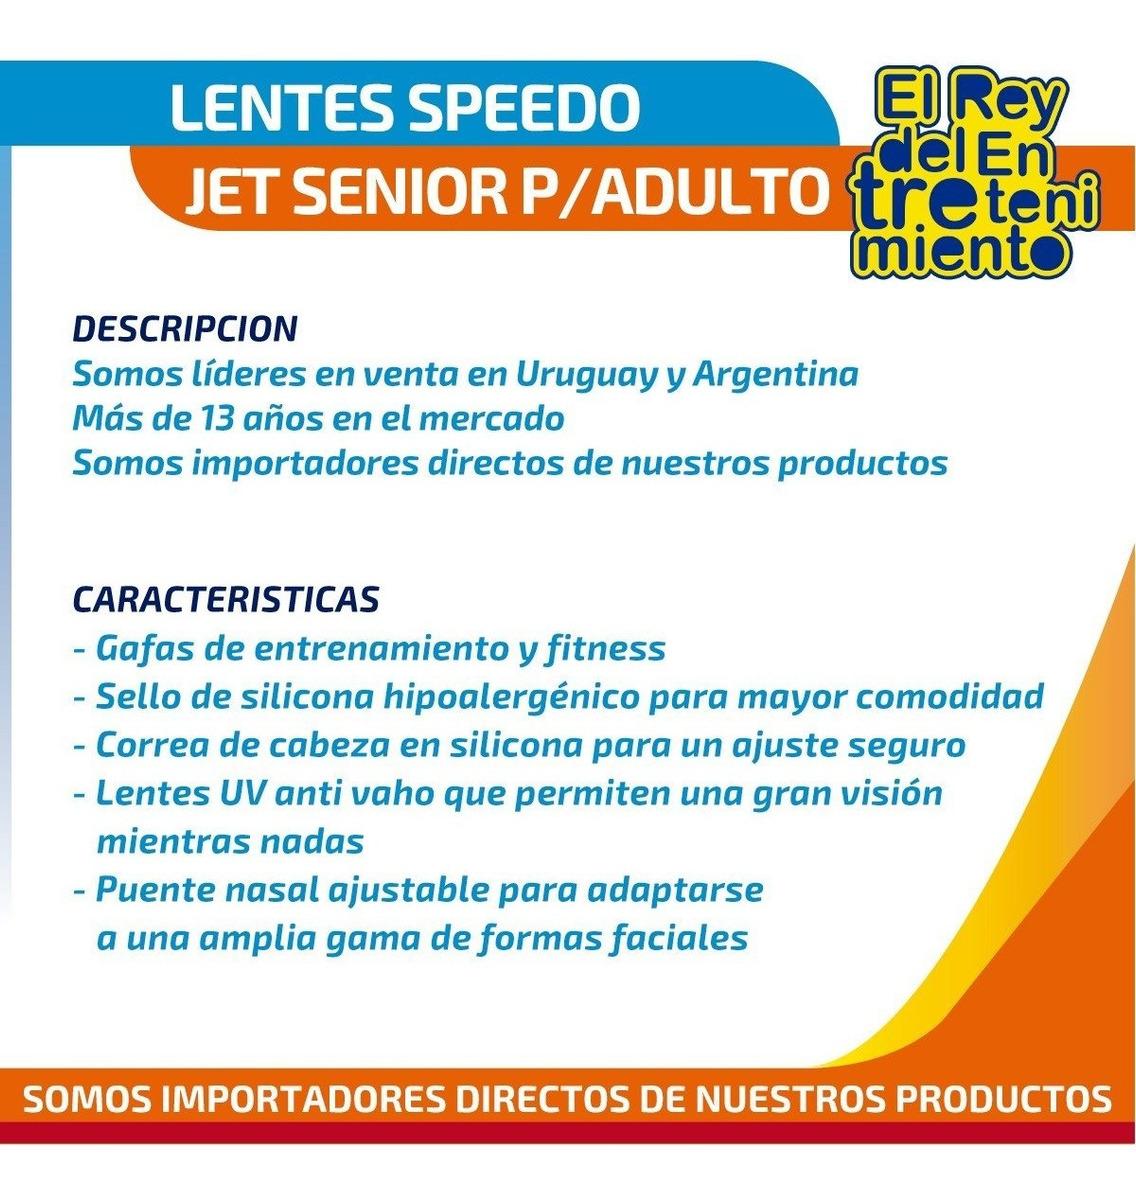 52fc9c0bf80d Lentes Speedo Jet Senior Natación Piscina P/ Adulto - El Rey